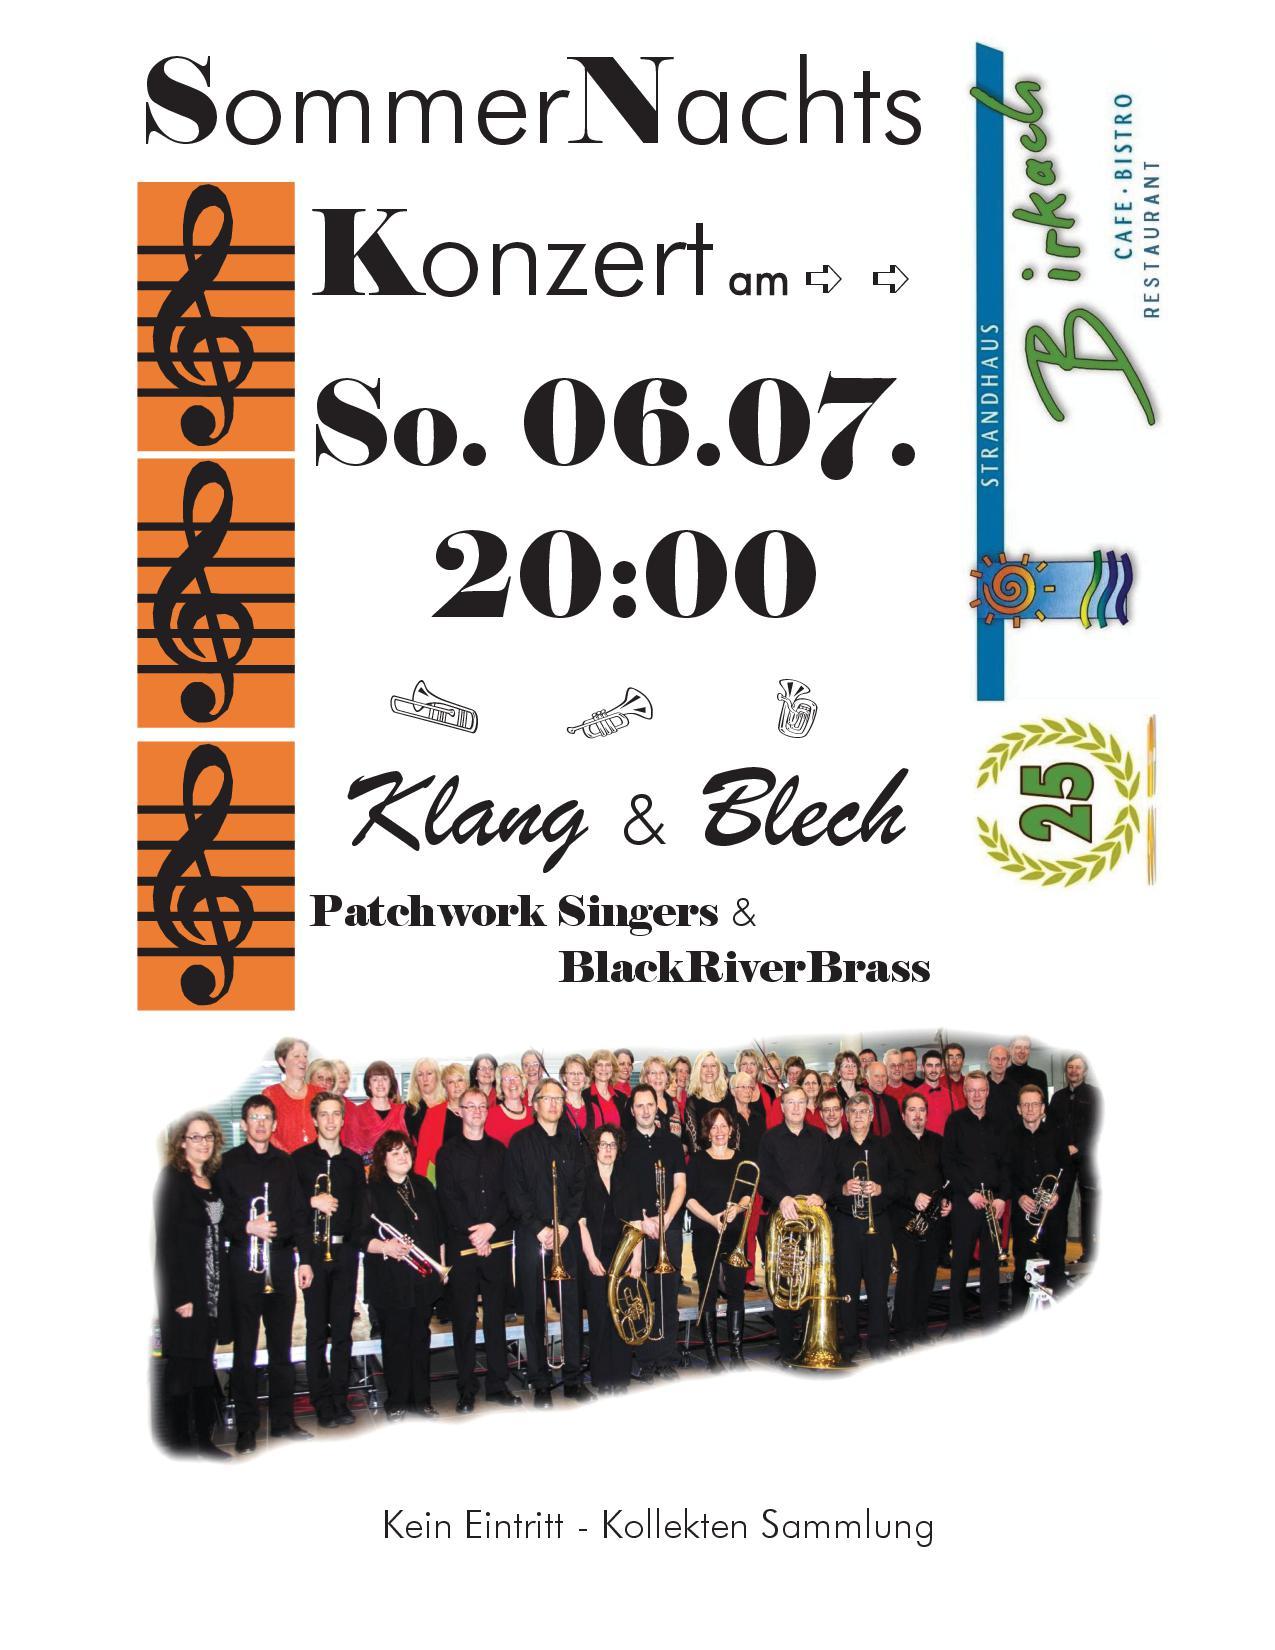 SommNacht-Konzert-001